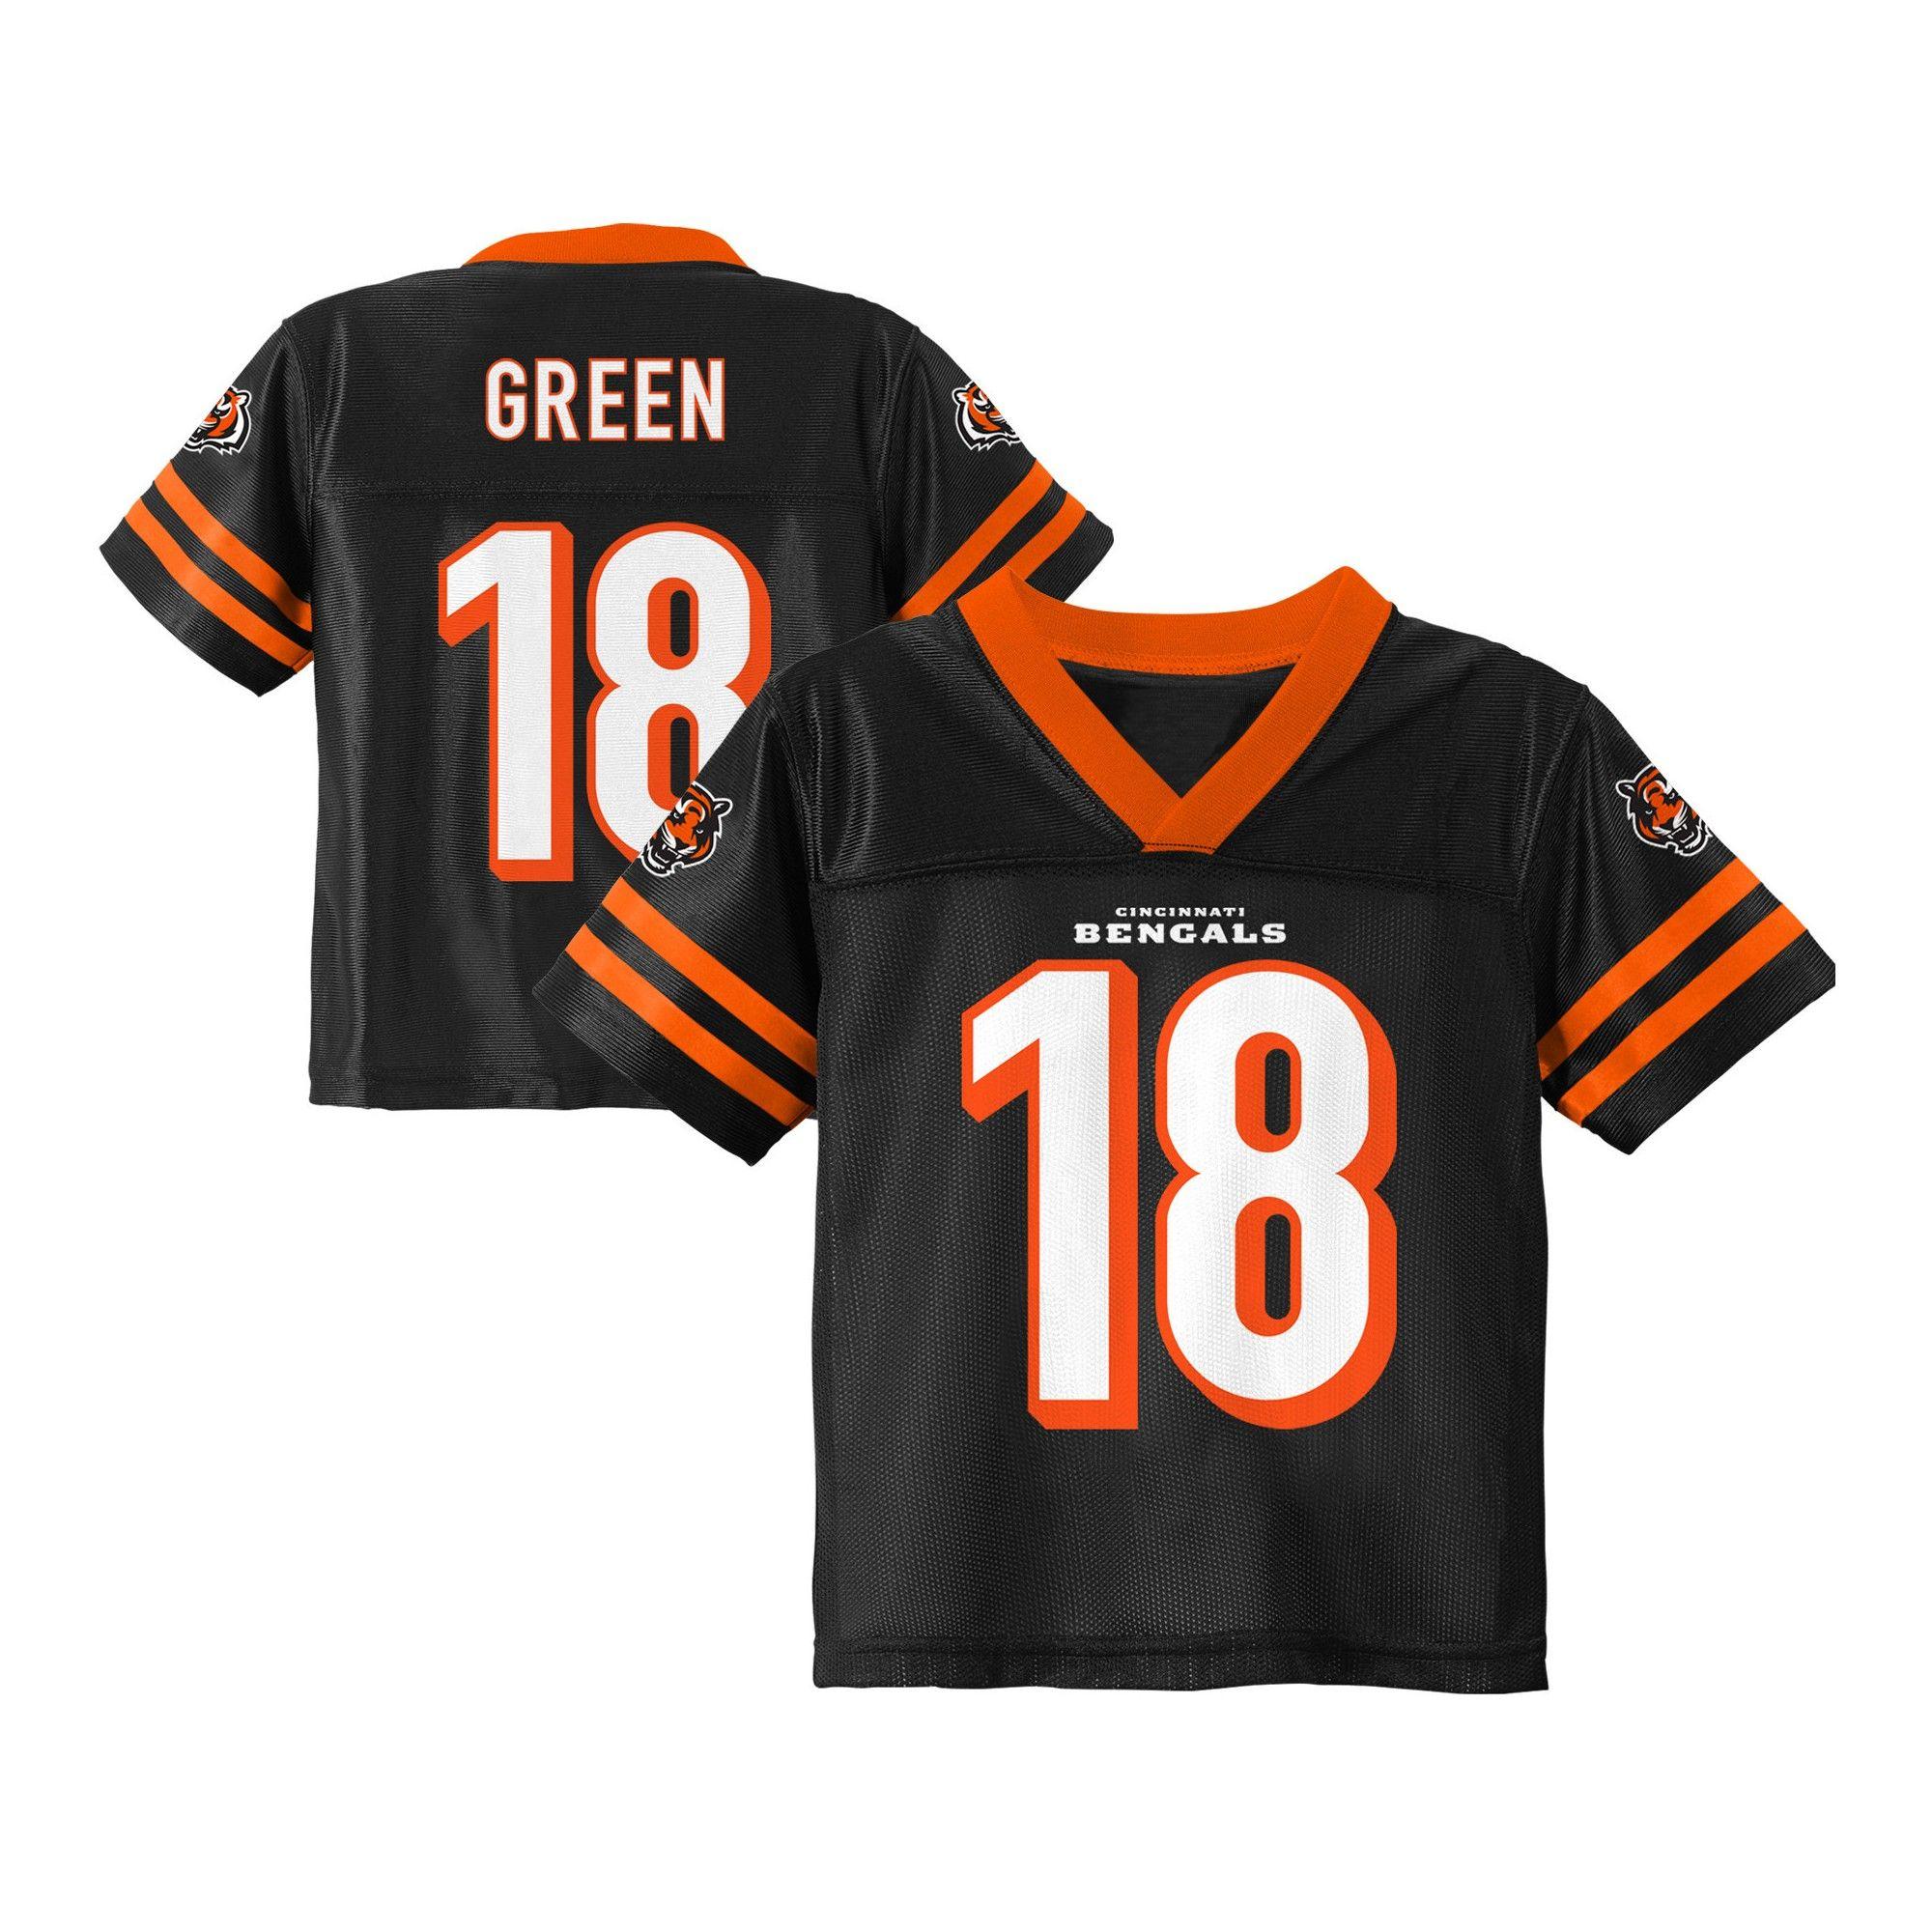 297cdeec1e3 Cincinnati Bengals Toddler Player Jersey 4T, Toddler Boy's ...